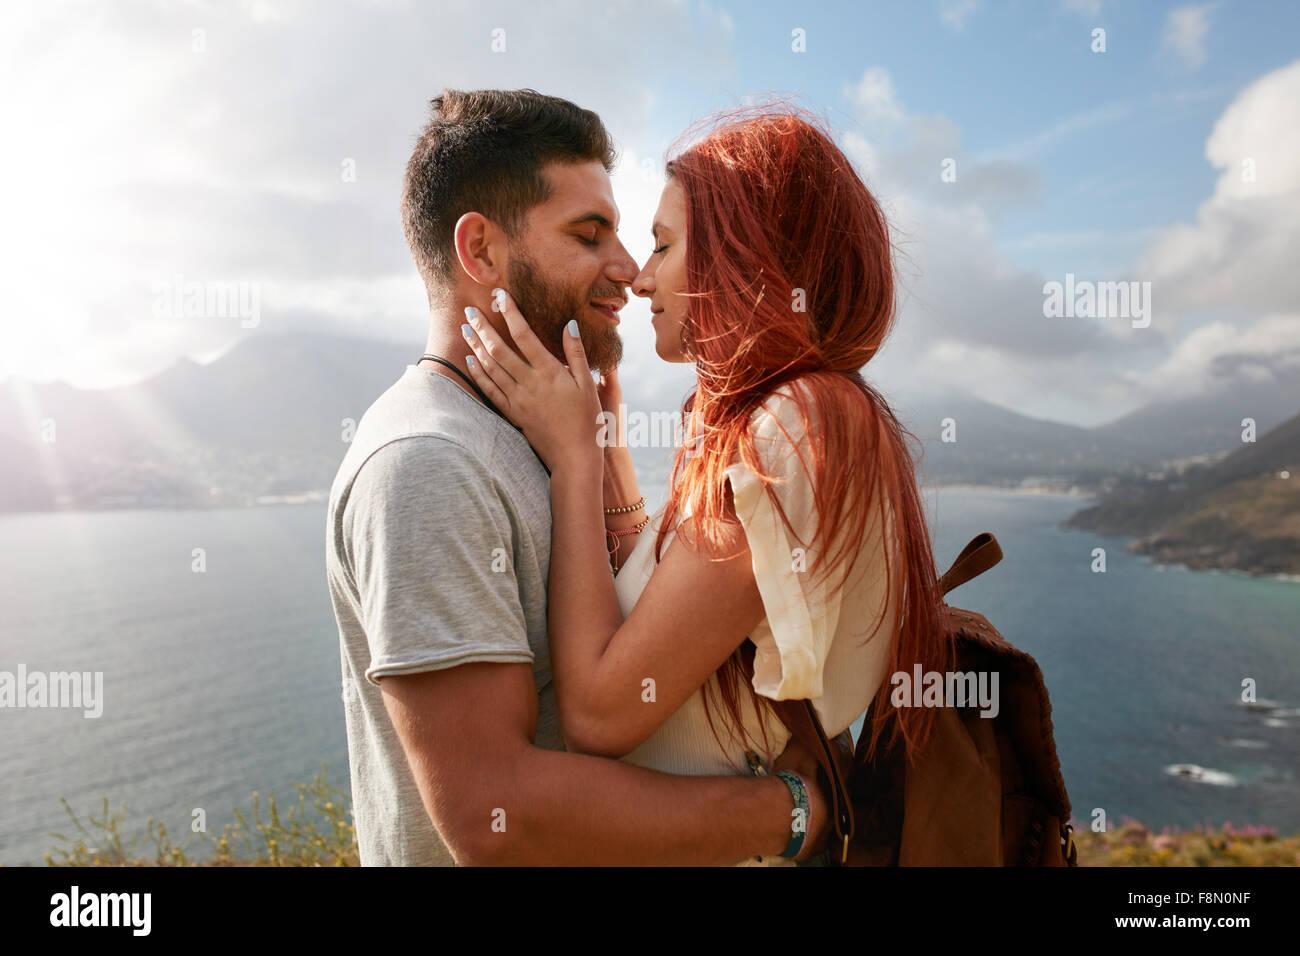 Retrato de jovens o homem e a mulher prestes a compartilhar um romântico beijo. Afectuosa jovem casal desfrutando Imagens de Stock